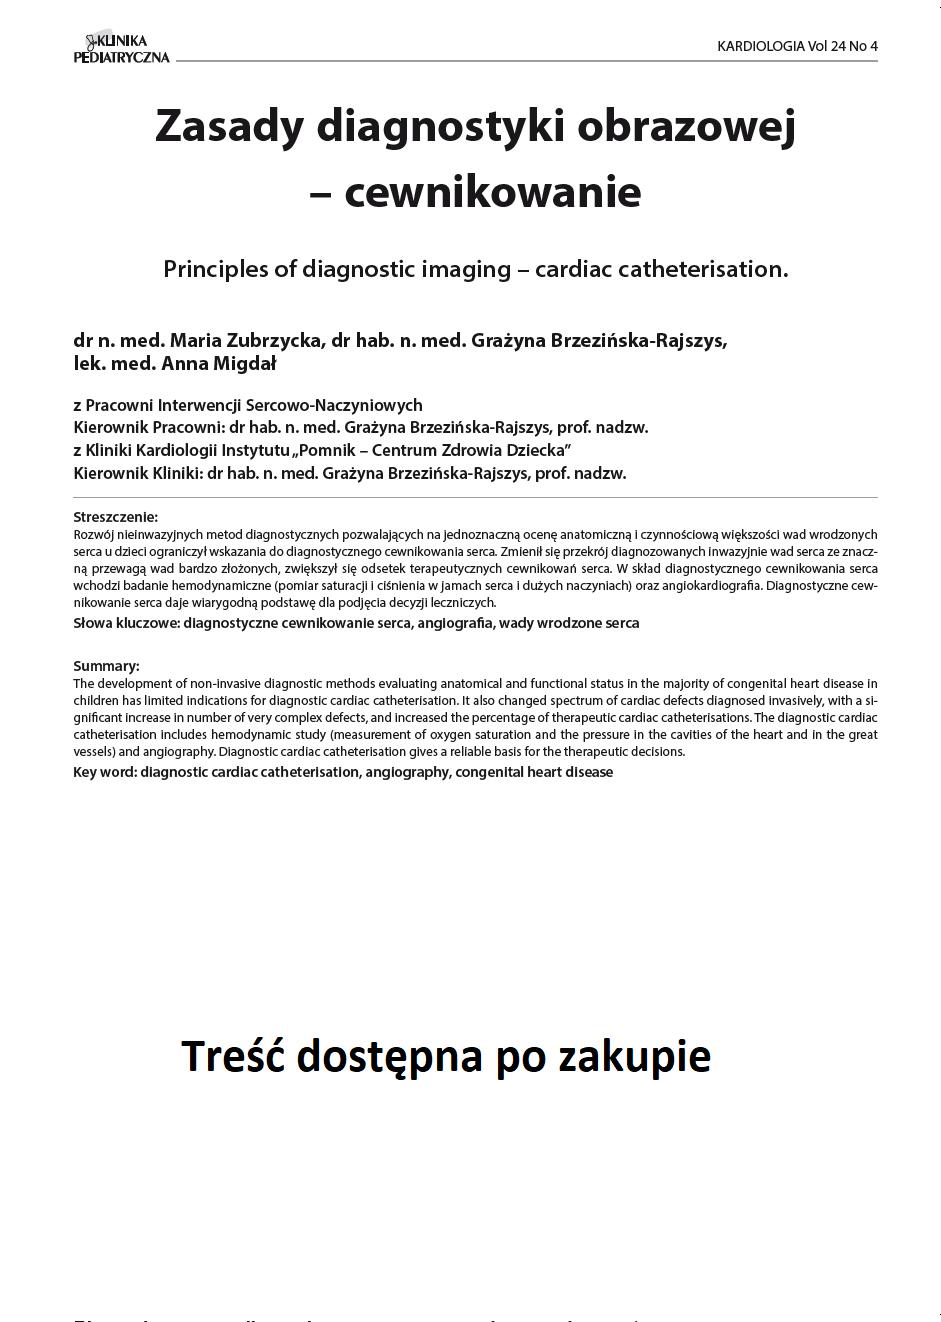 KP 4 -2016- Zasady diagnostyki obrazowej – cewnikowanie